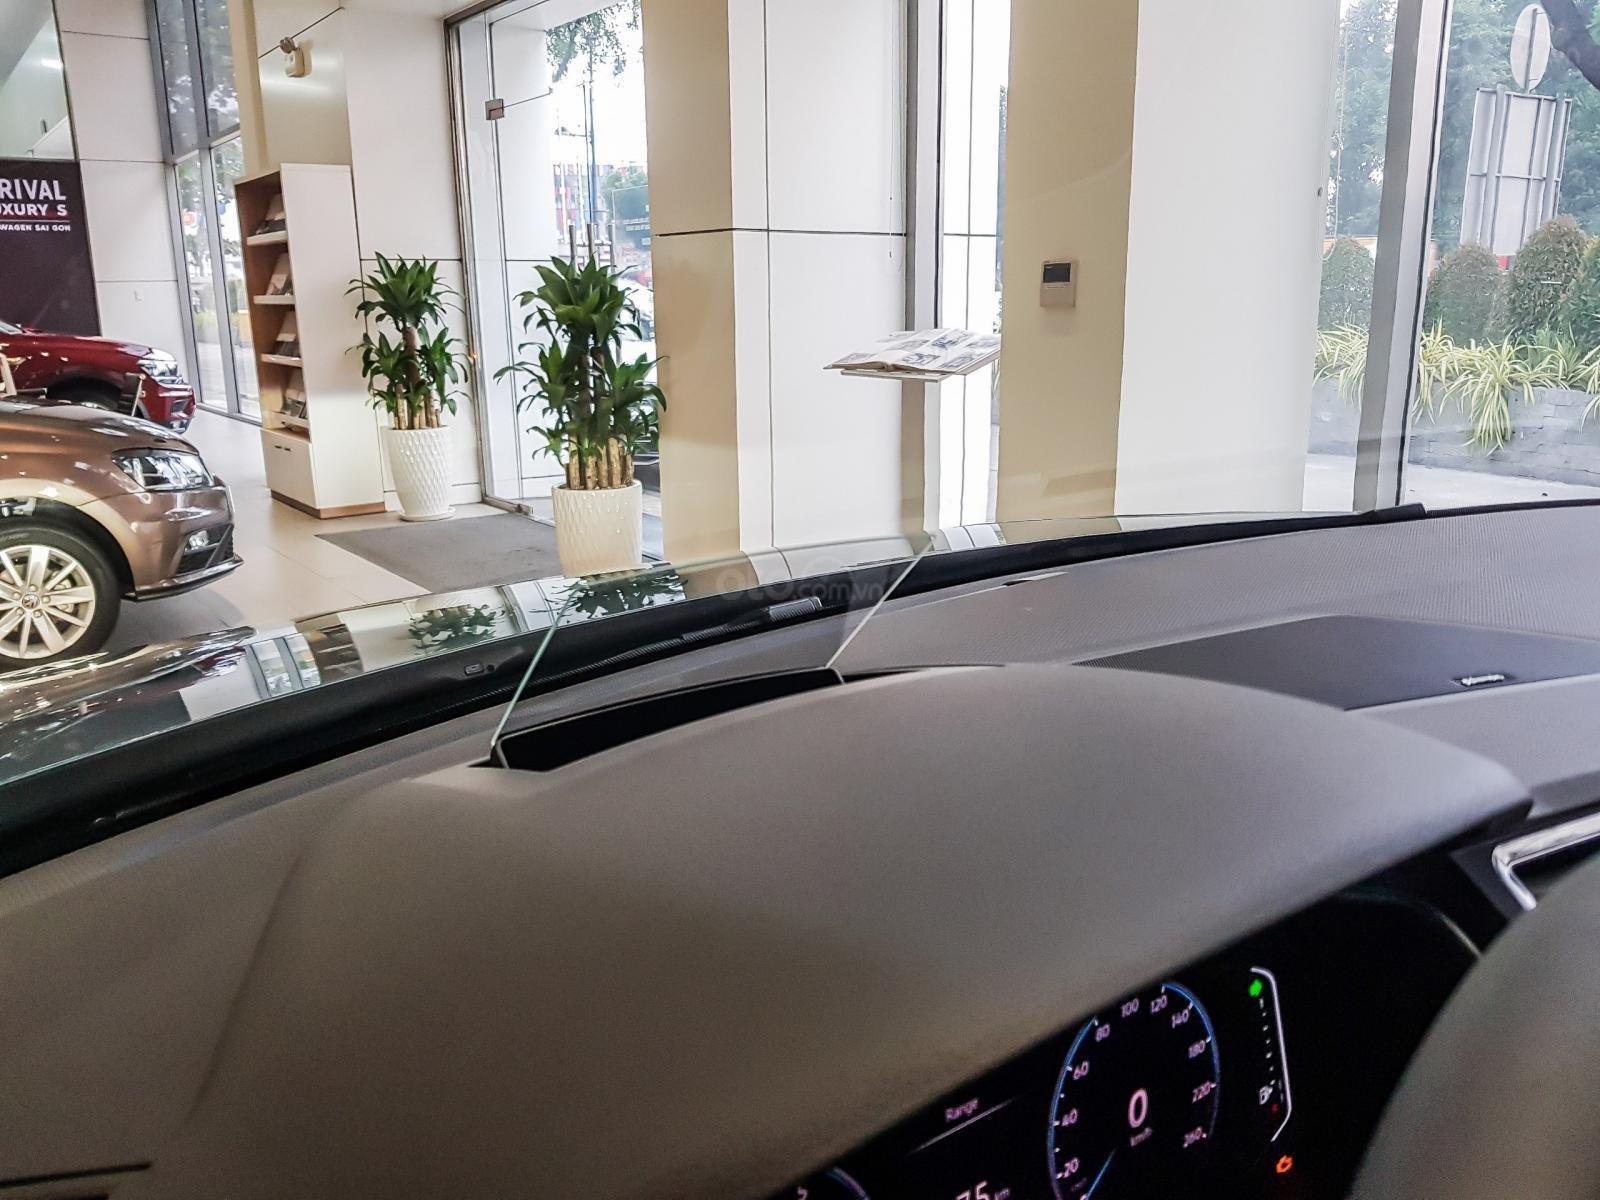 Tặng Ip 12 + bảo hiểm + bảo dưỡng xe miễn phí khi mua xe Tiguan Luxury S 2021, kèm nhiều ưu đãi khác nữa, lh ngay Ms Uyên (5)